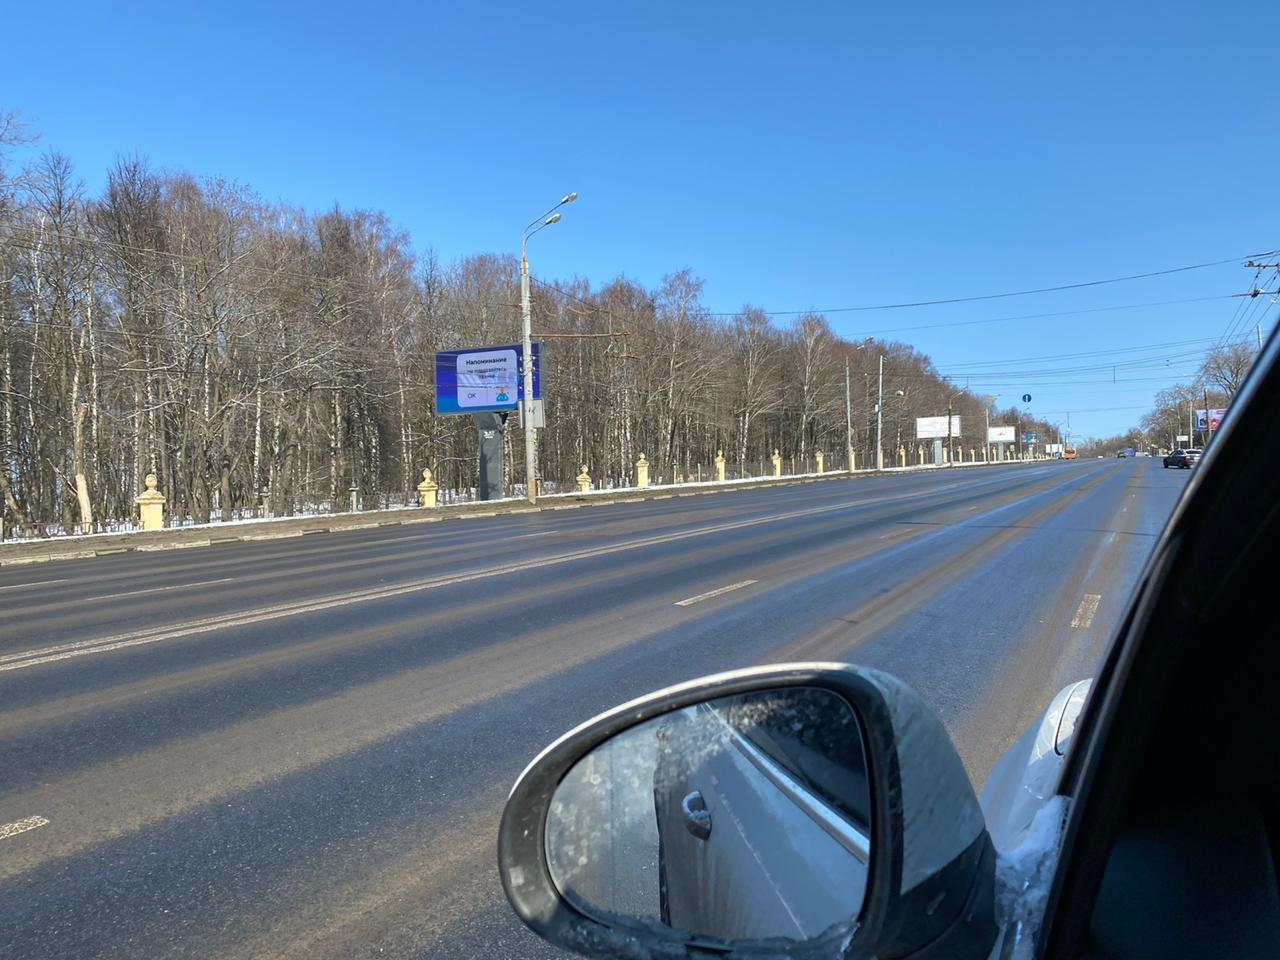 Нижний Новгород без пробок: как карантин повлиял на дорожную ситуацию в столице Приволжья